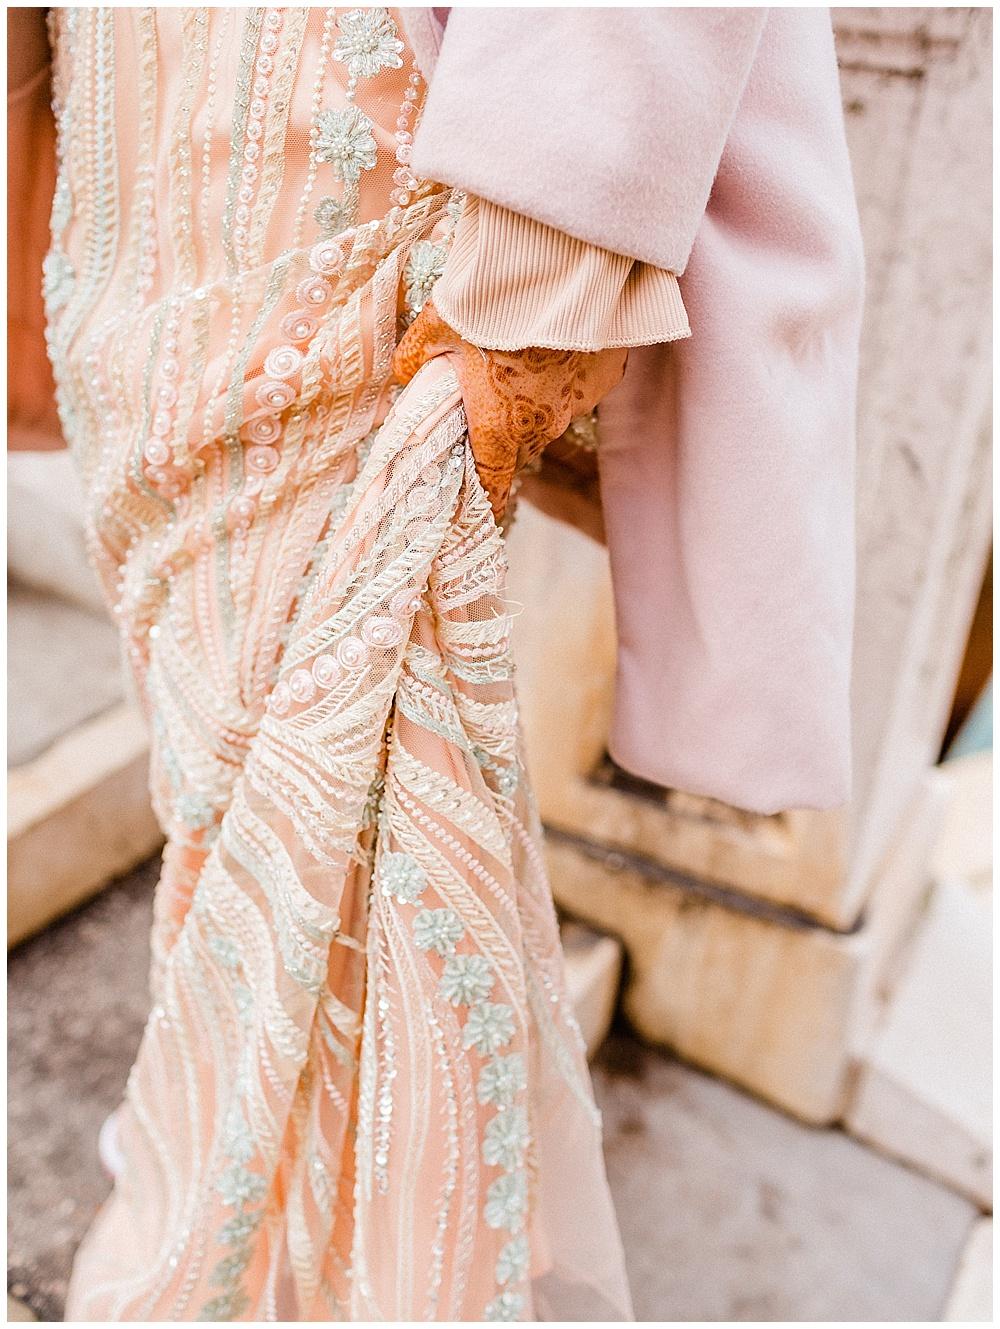 Venice-italy-wedding-photographer-stefano-degirmenci_0002.jpg